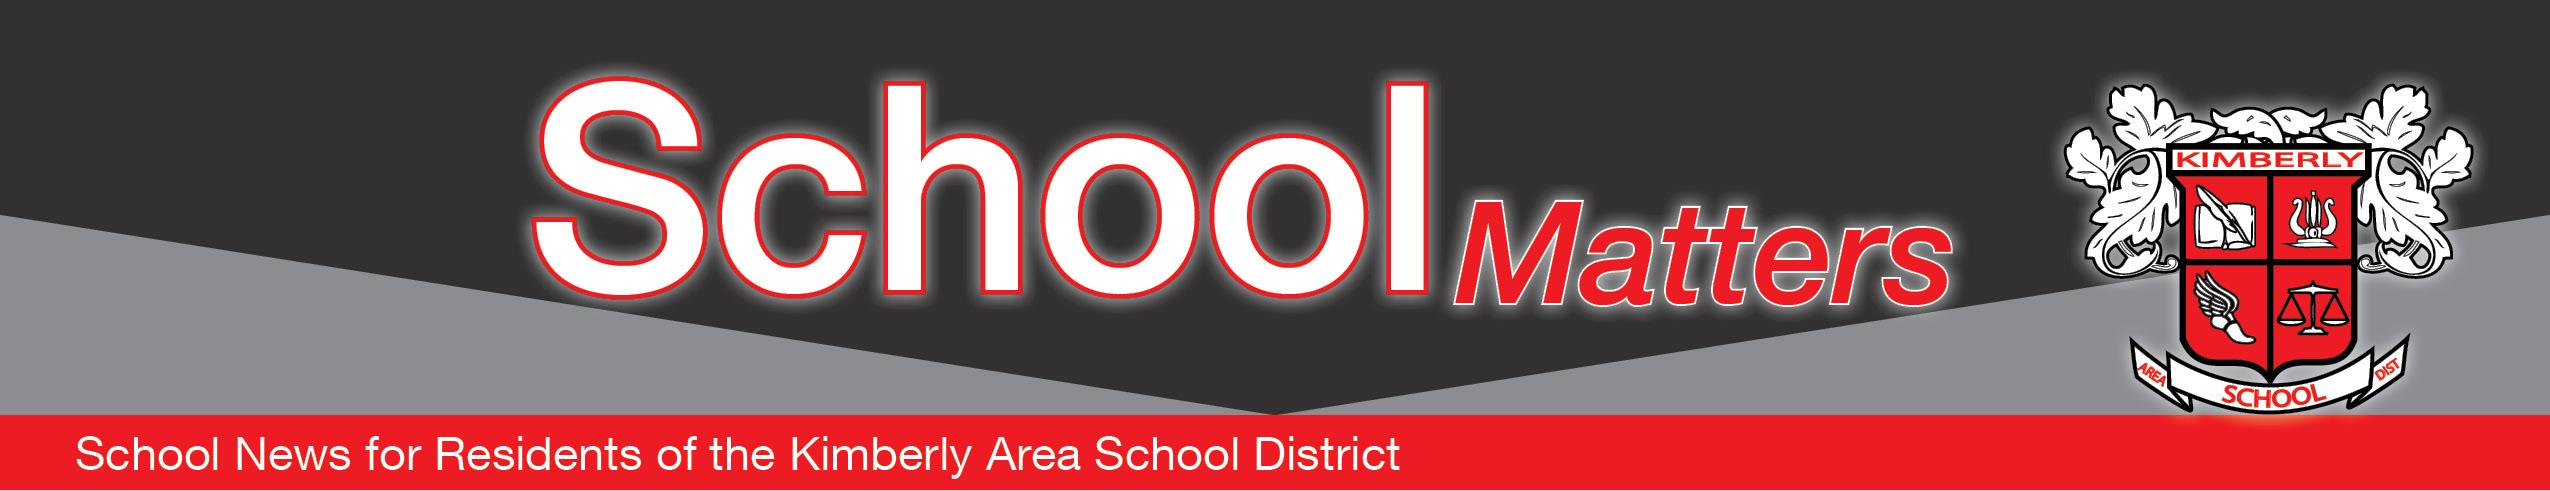 Header for School Matters